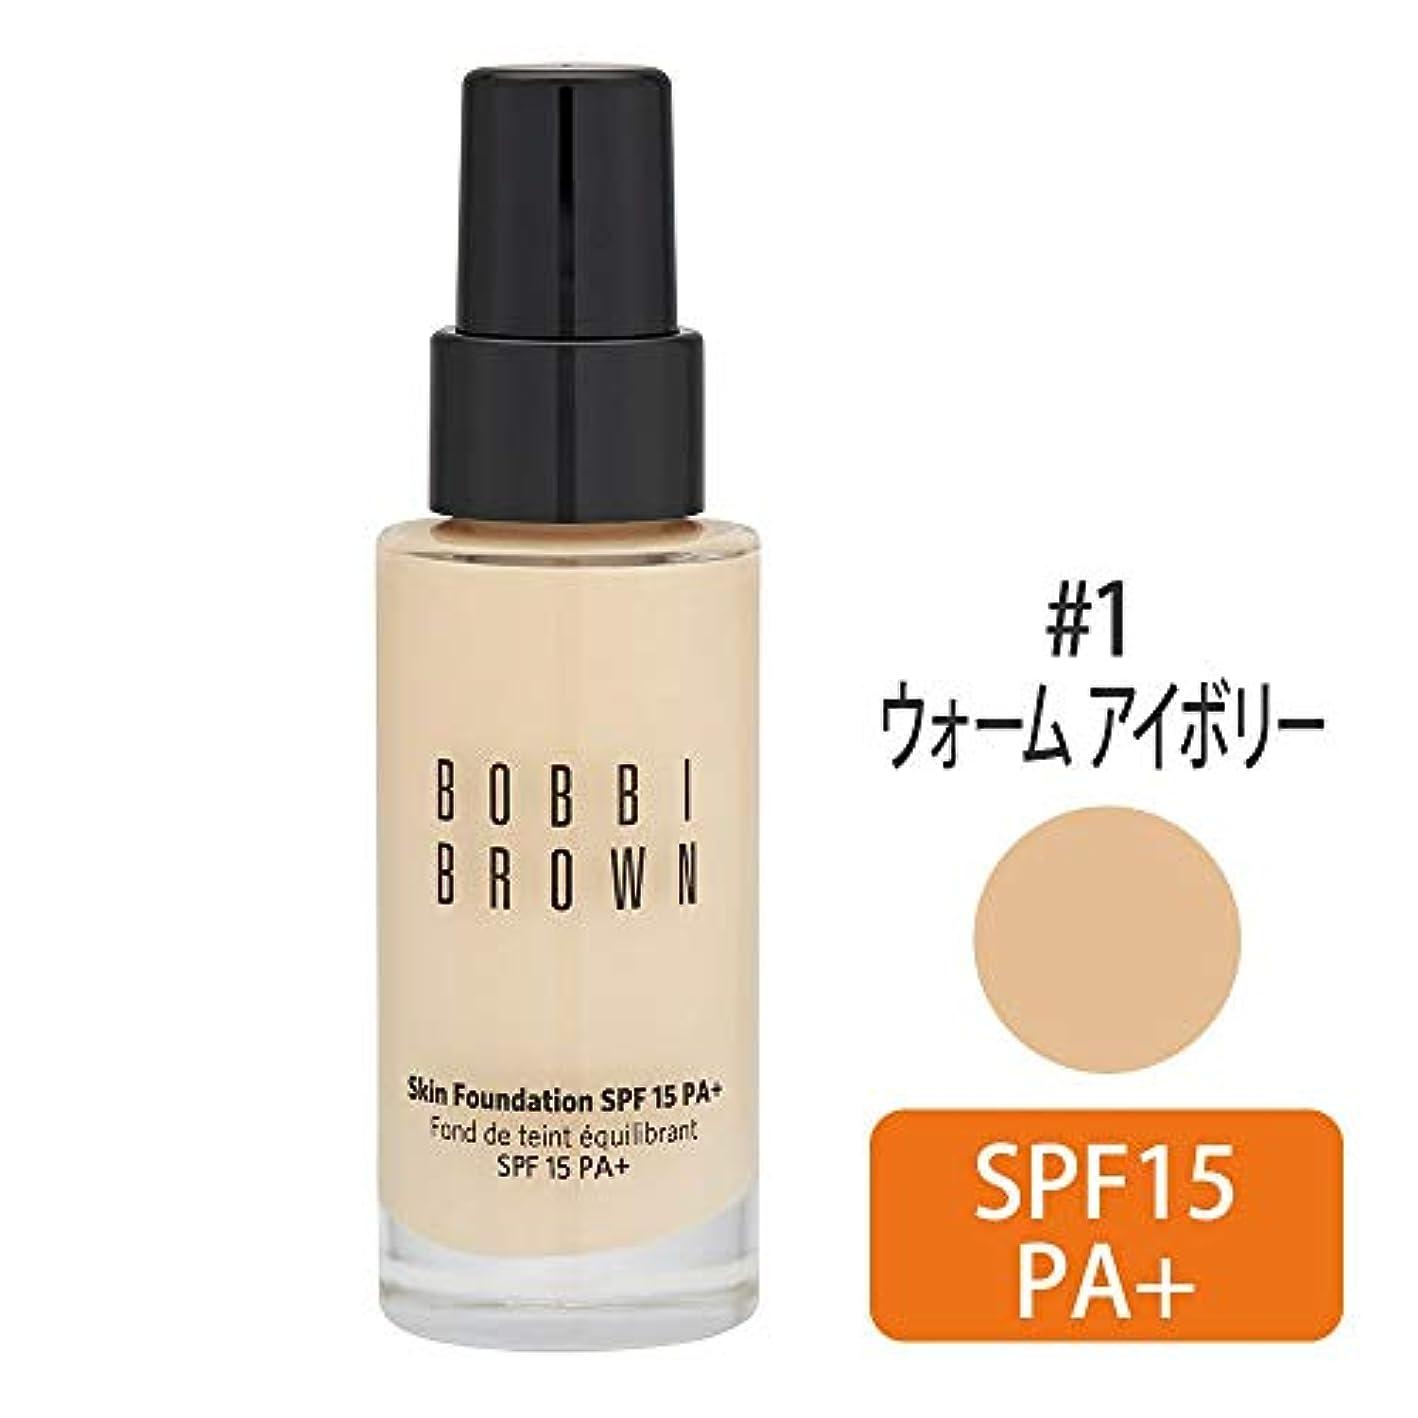 食用定数福祉BOBBI BROWN ボビイ ブラウン スキン ファンデーション SPF15 PA+ #1 Warm Ivory 30ml [並行輸入品]